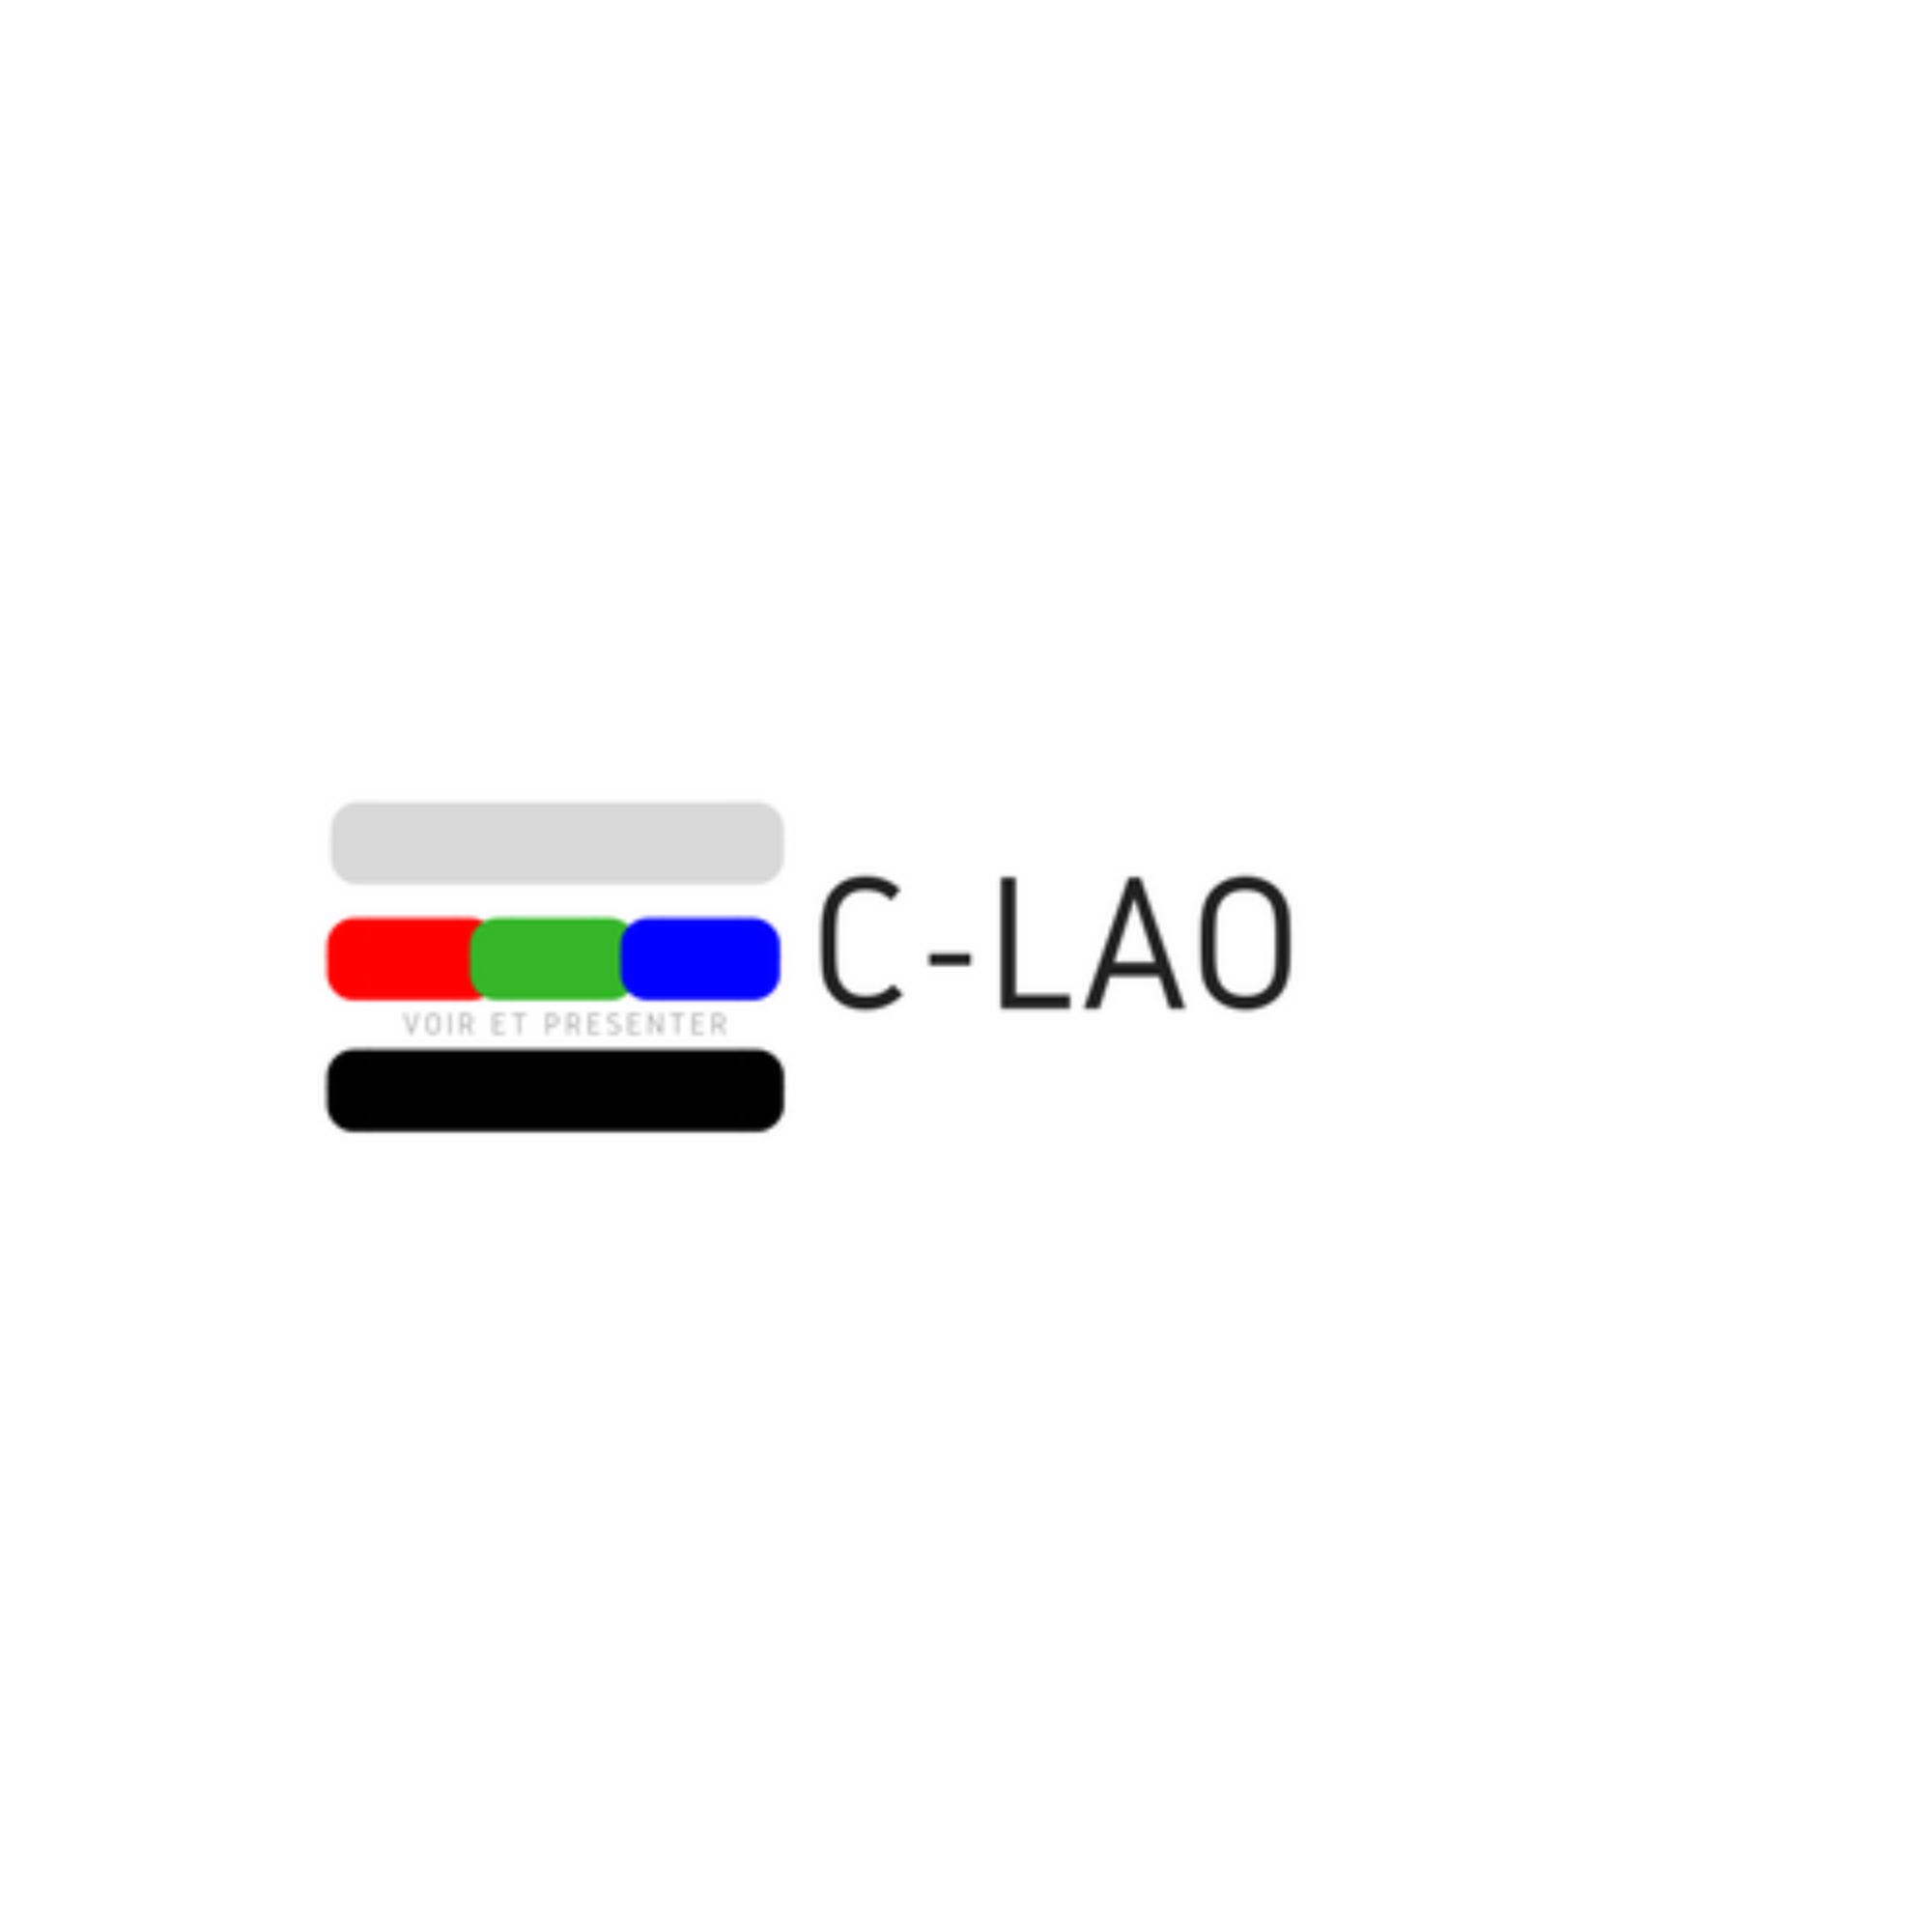 C-Lao